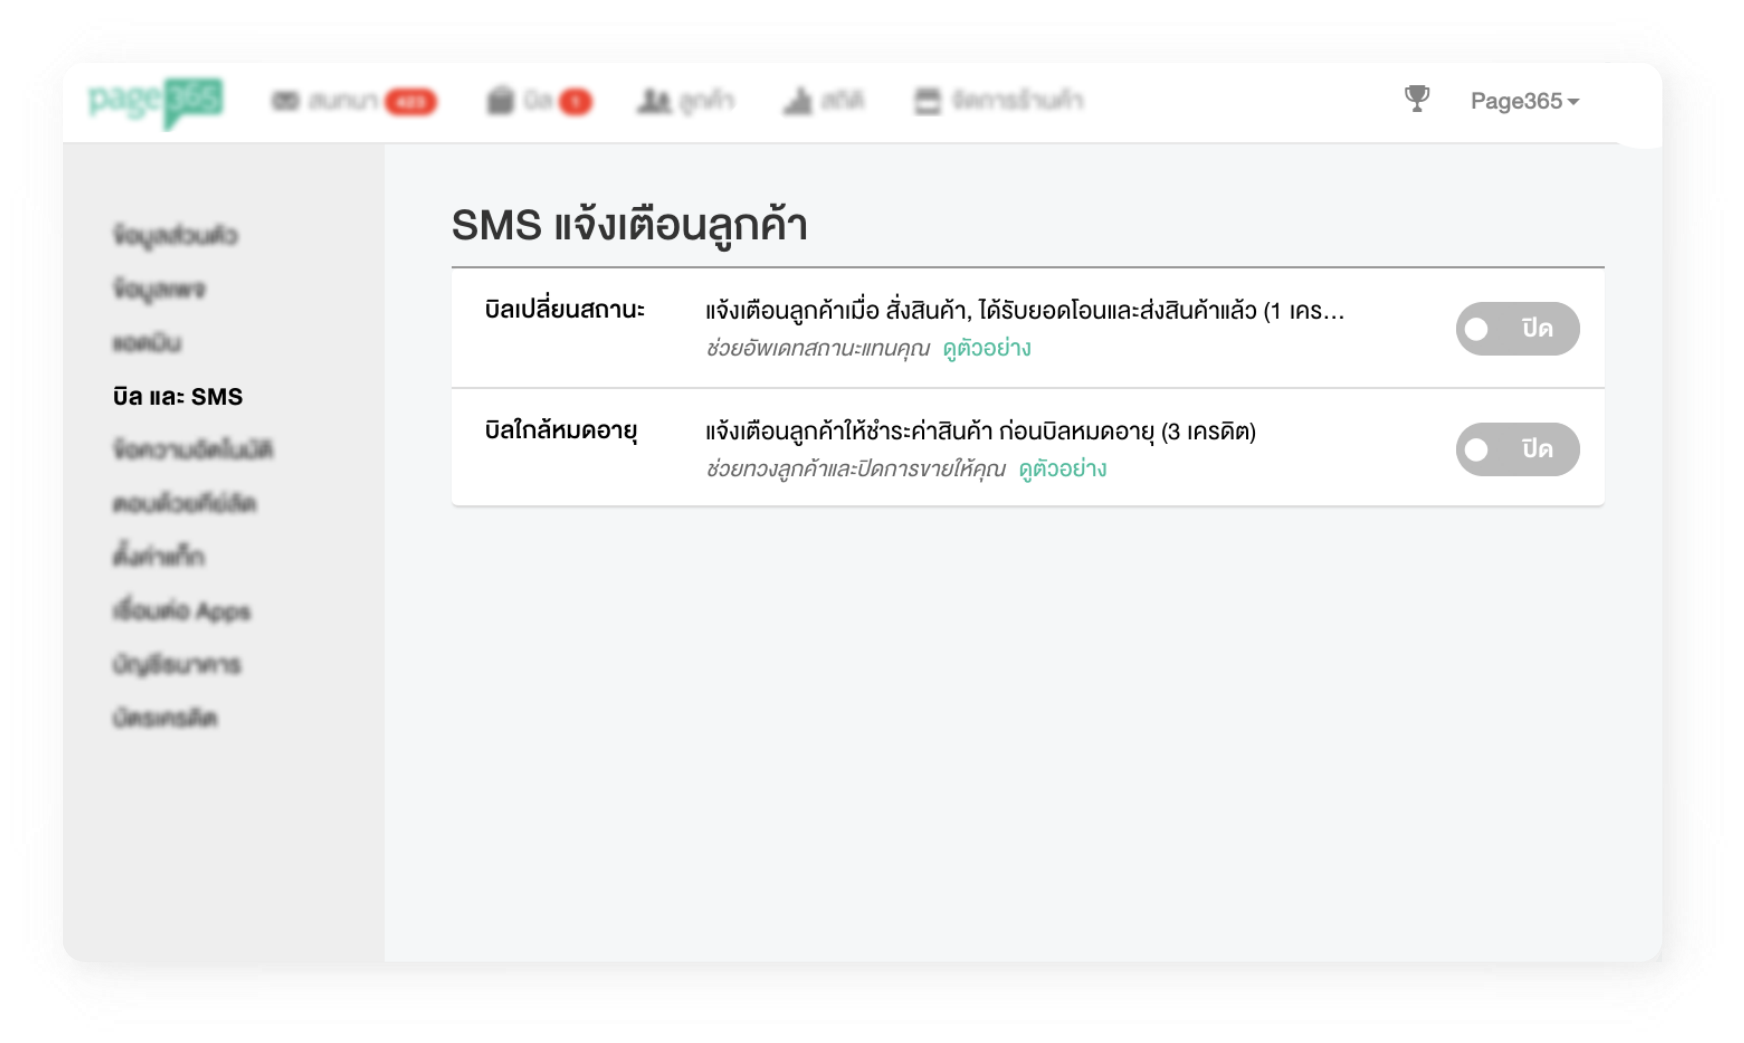 Page365 - เปิดใช้งาน SMS